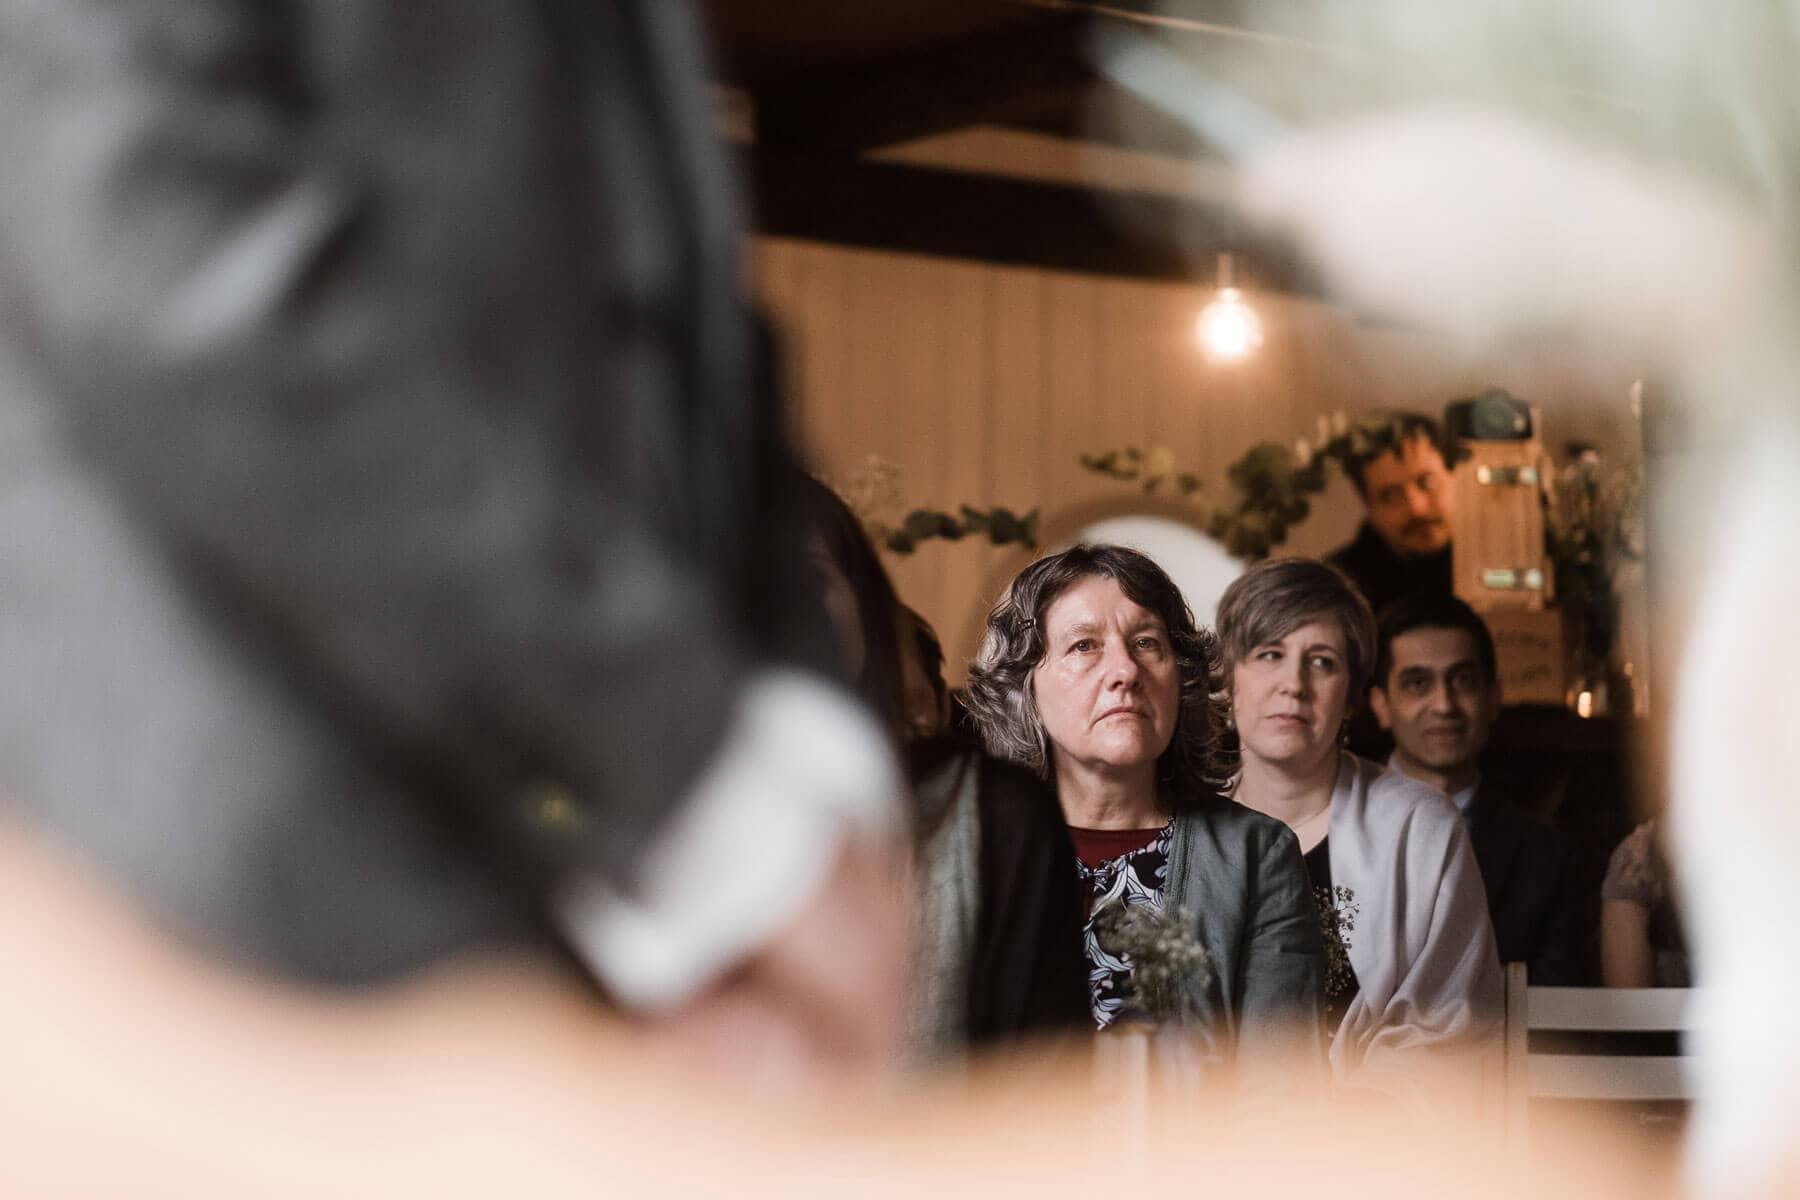 im Hintergrund des Brautpaar sitzen die Gäste des Brautpaar, sie schauen aufmerksam auf das Brautpaar